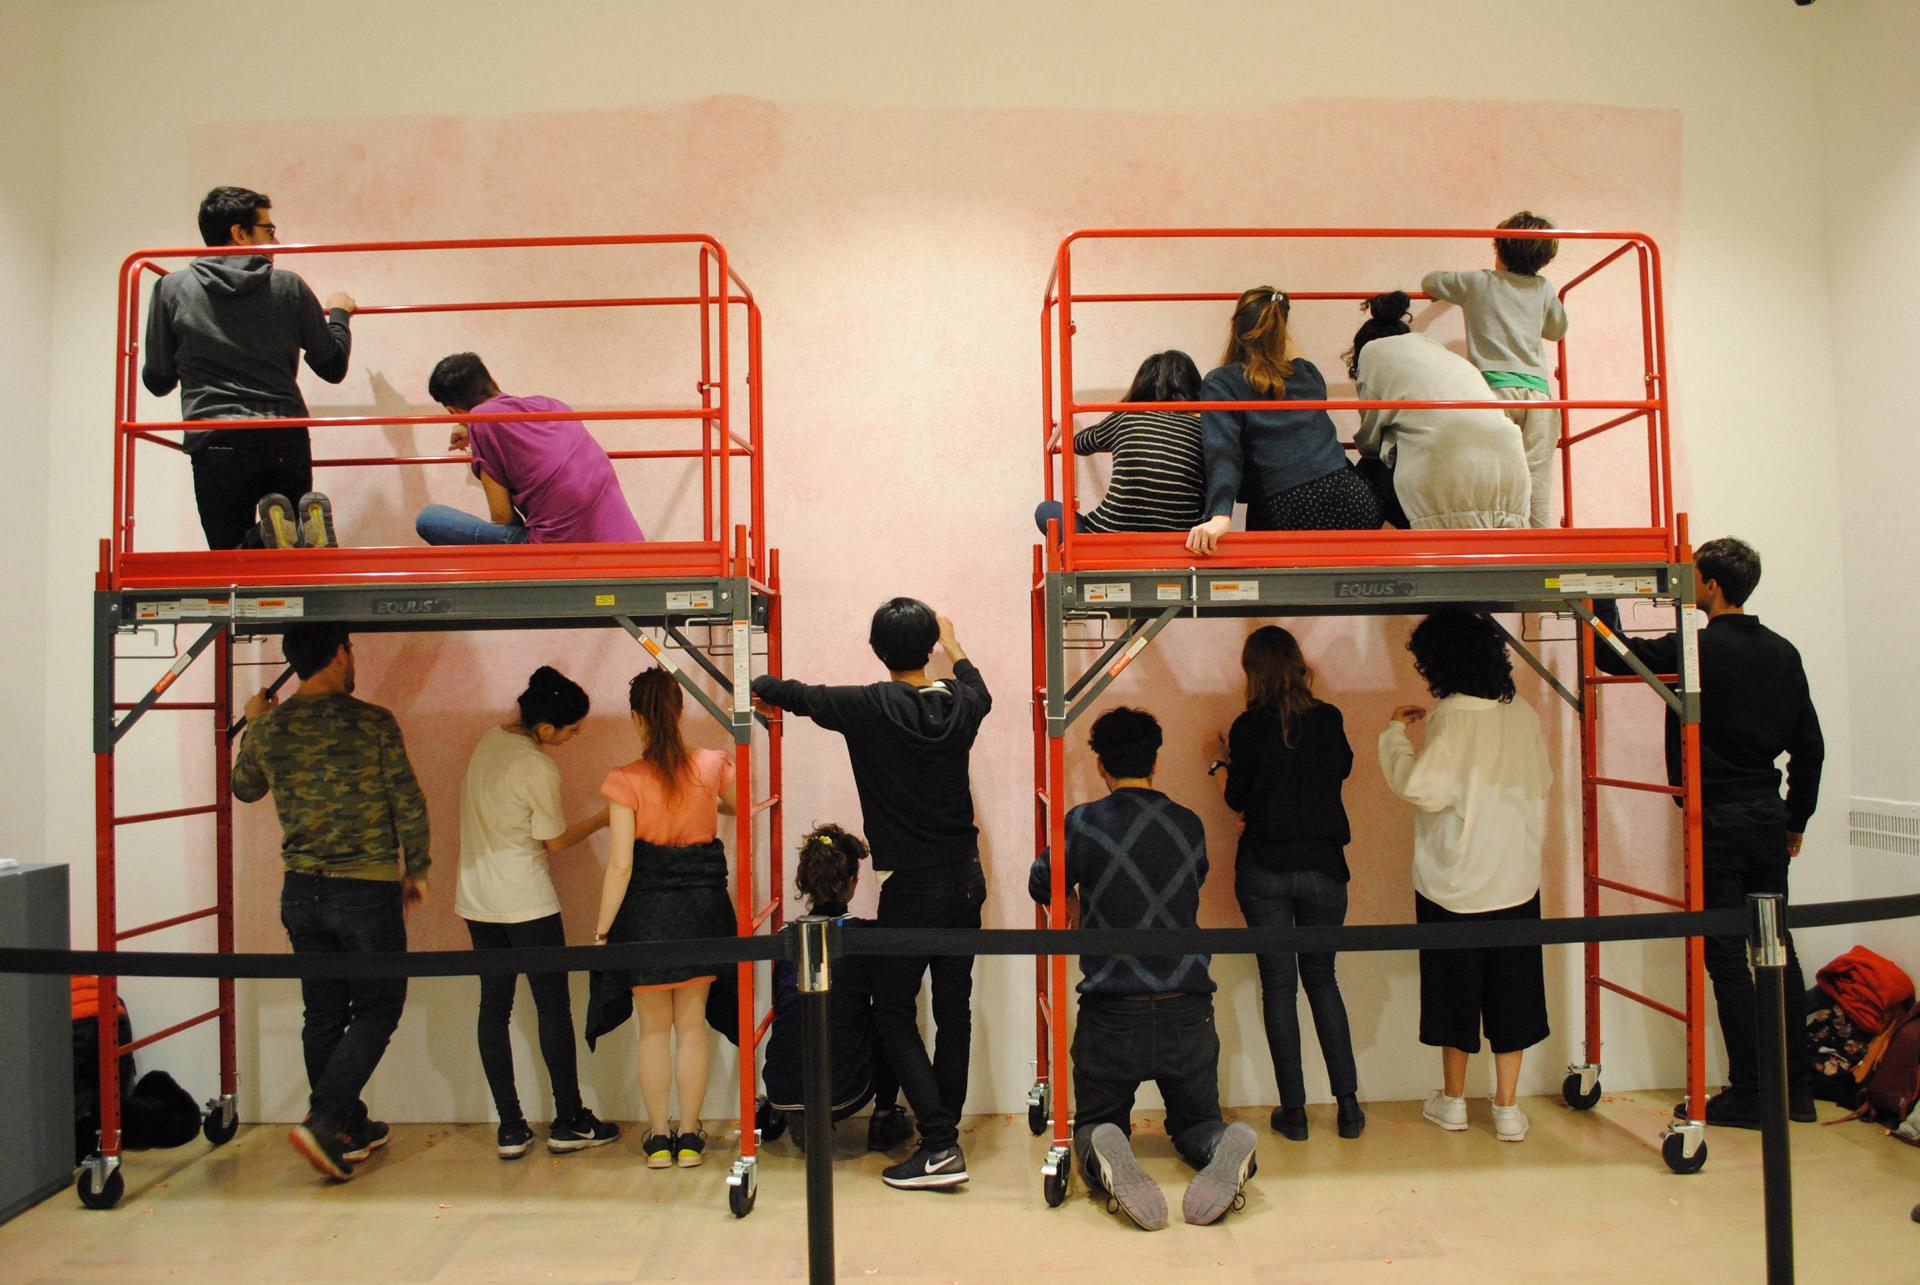 El artista argentino Ernesto Ballesteros realiza un mural colectivo en el Museo de Bellas Artes